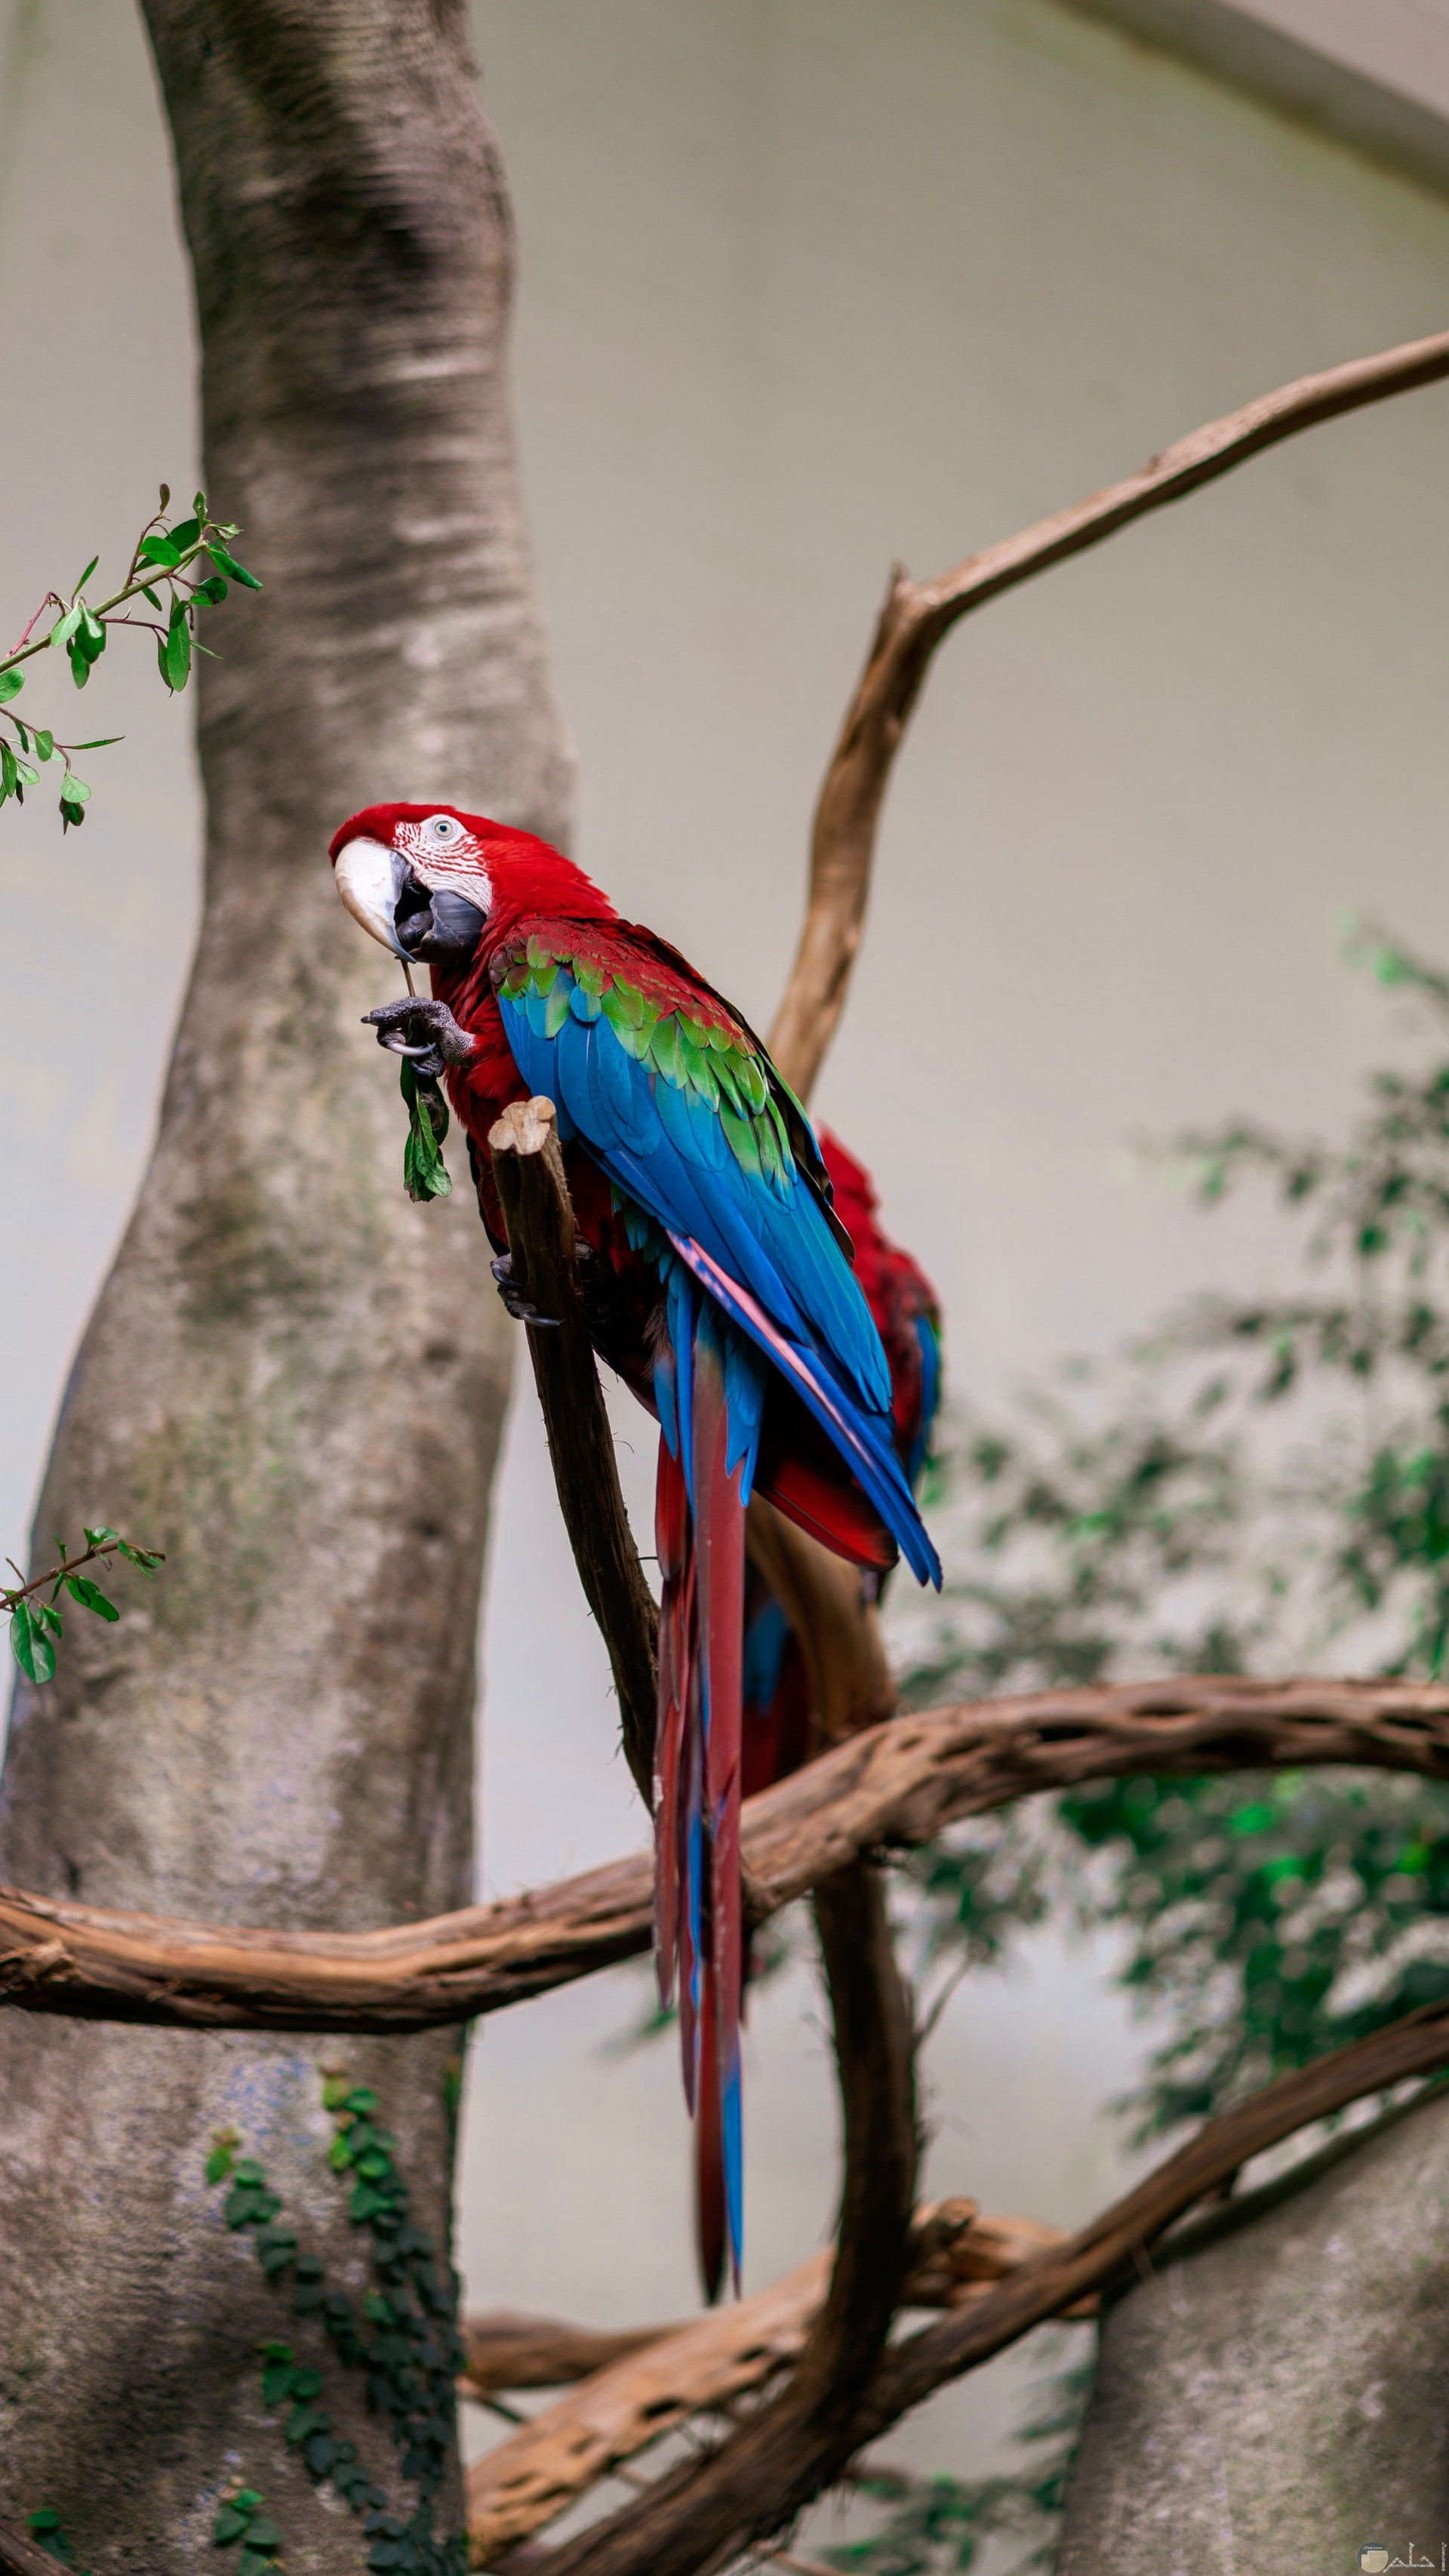 صورة جميلة لطائر ملون باللون الأخضر والأزرق والأحمر واقف علي غصن شجرة